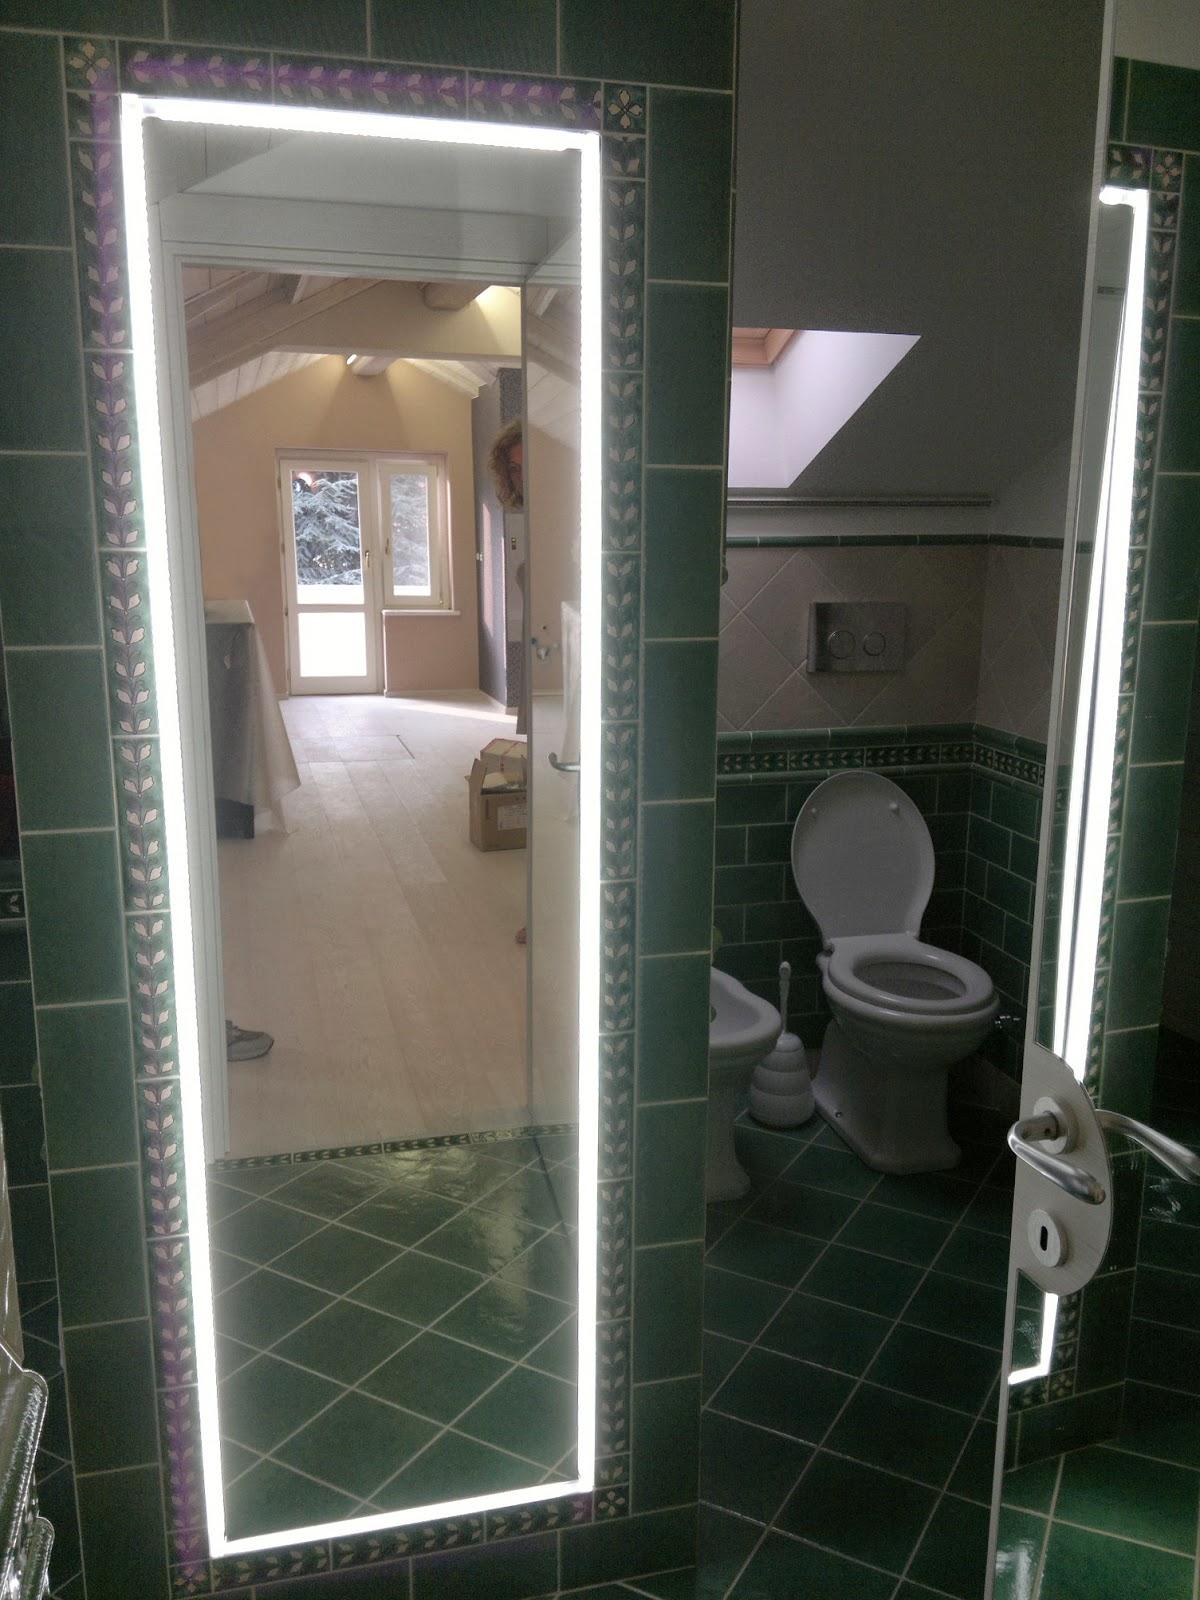 Lampada design bagno specchio - Luci per bagno design ...